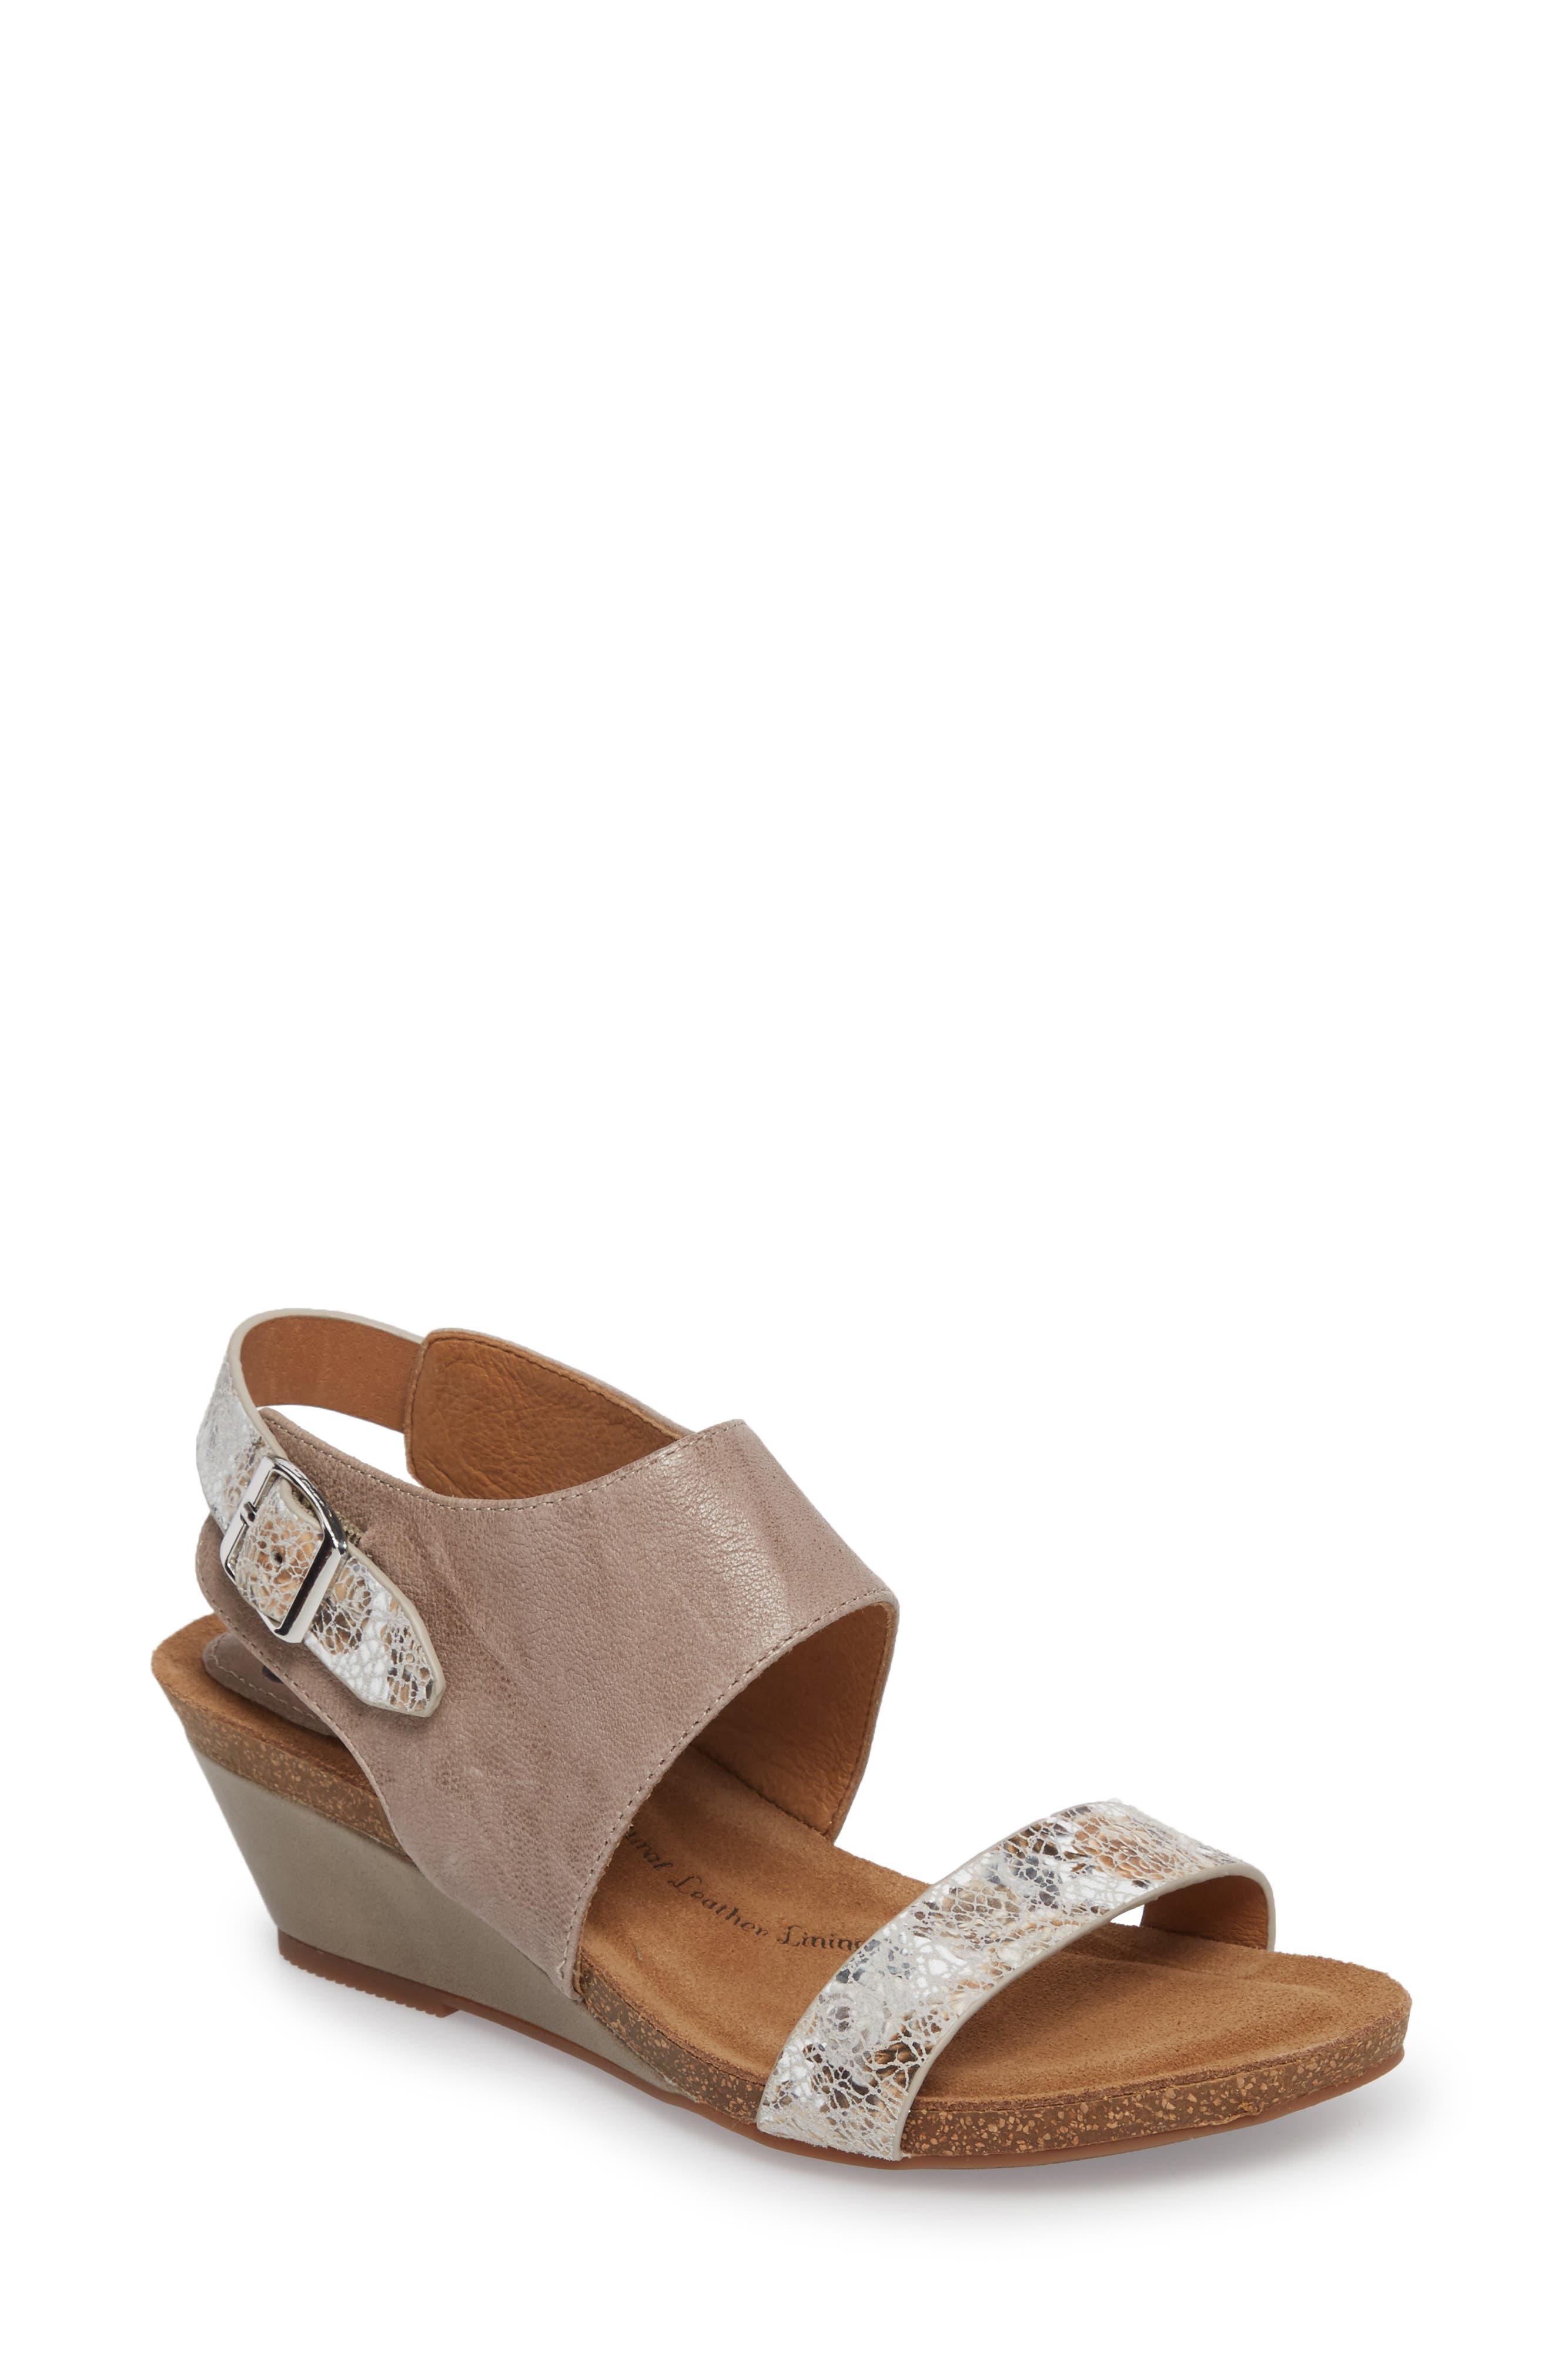 'Vanita' Leather Sandal,                         Main,                         color, 031